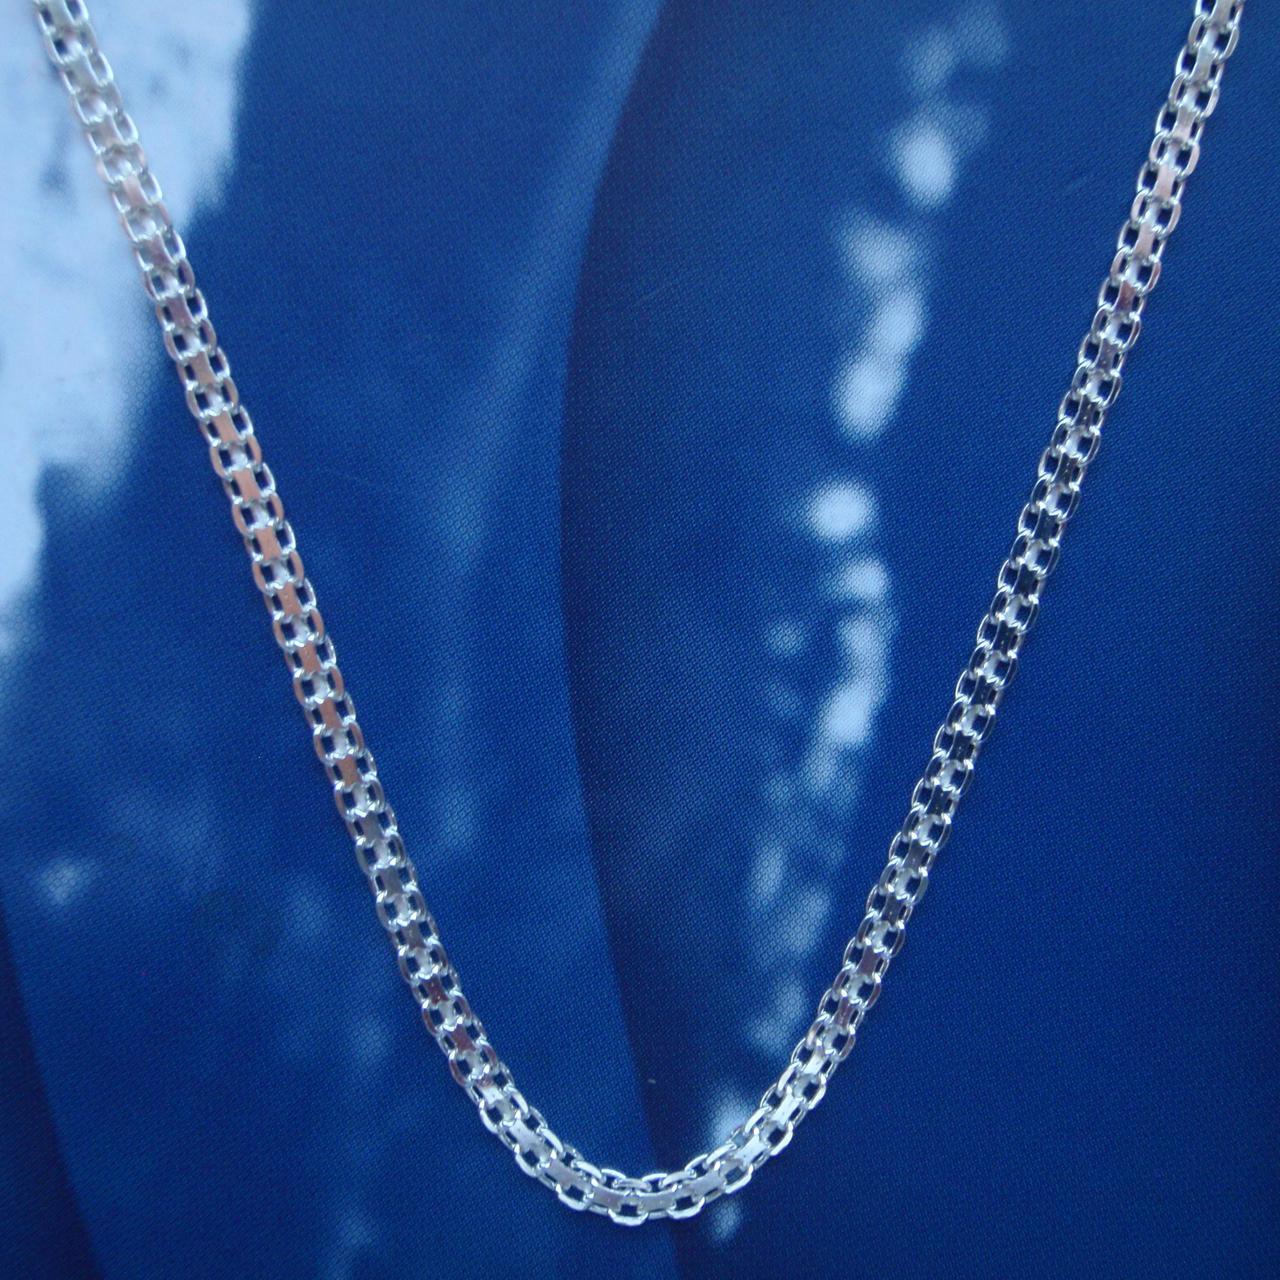 Серебряная цепочка, 500мм, 5 грамм, плетение Двойной якорек